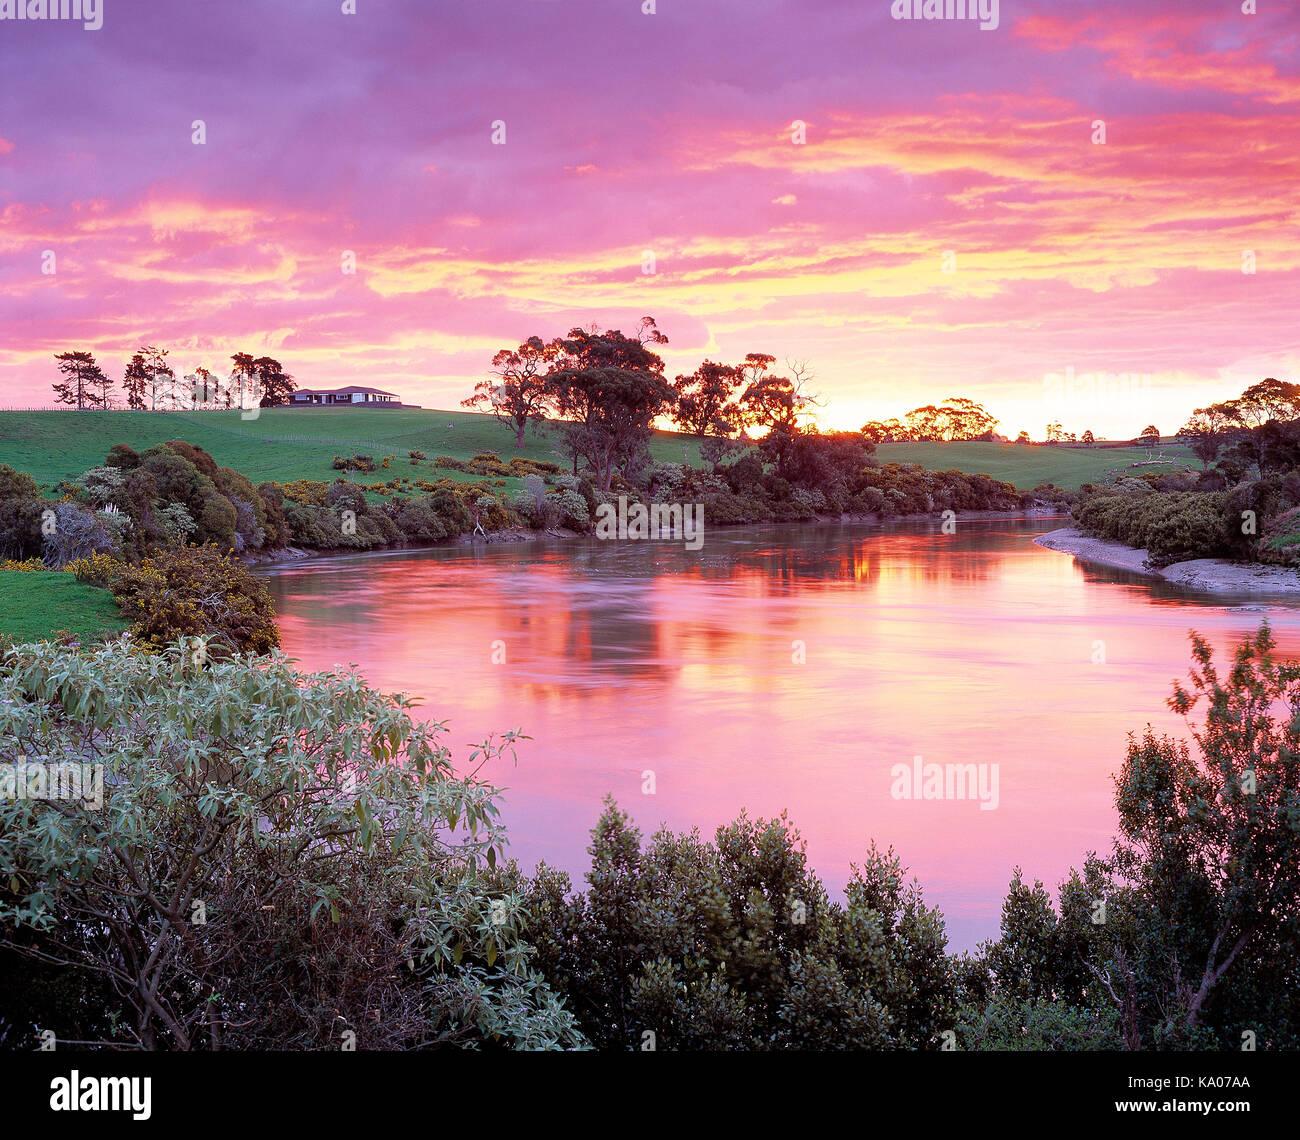 Nueva Zelanda. región de Auckland, la propiedad rural con agua al amanecer. Imagen De Stock